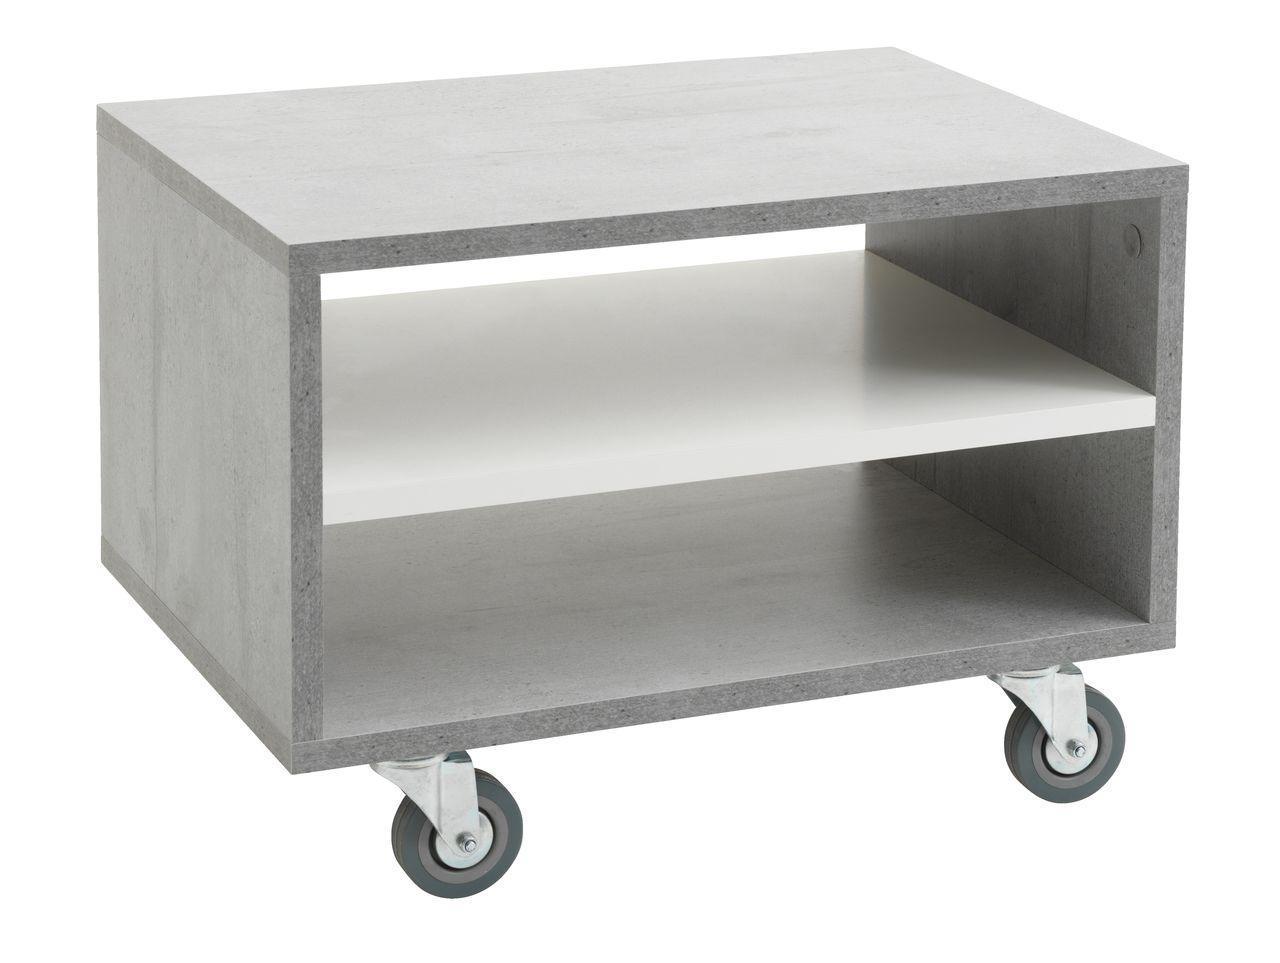 Журнальний стіл прямокутний на коліщатках (під бетон)